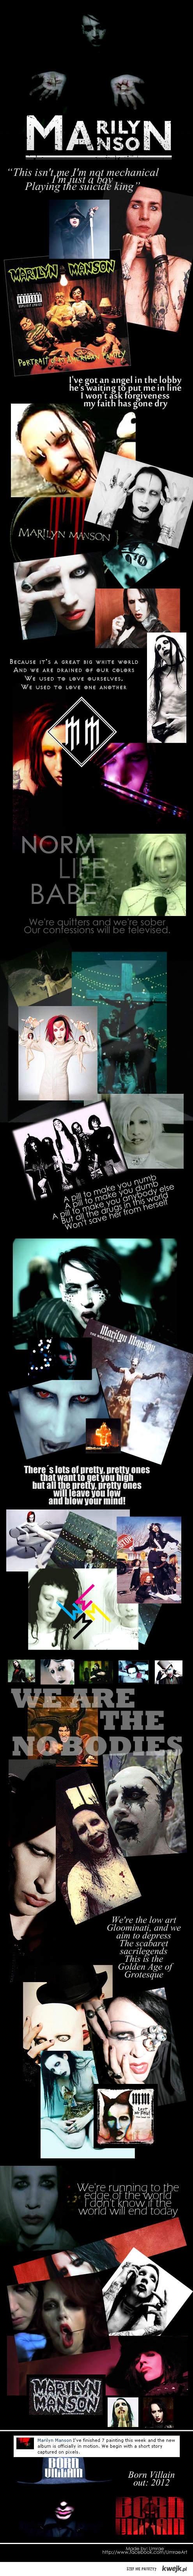 Marilyn Manson!